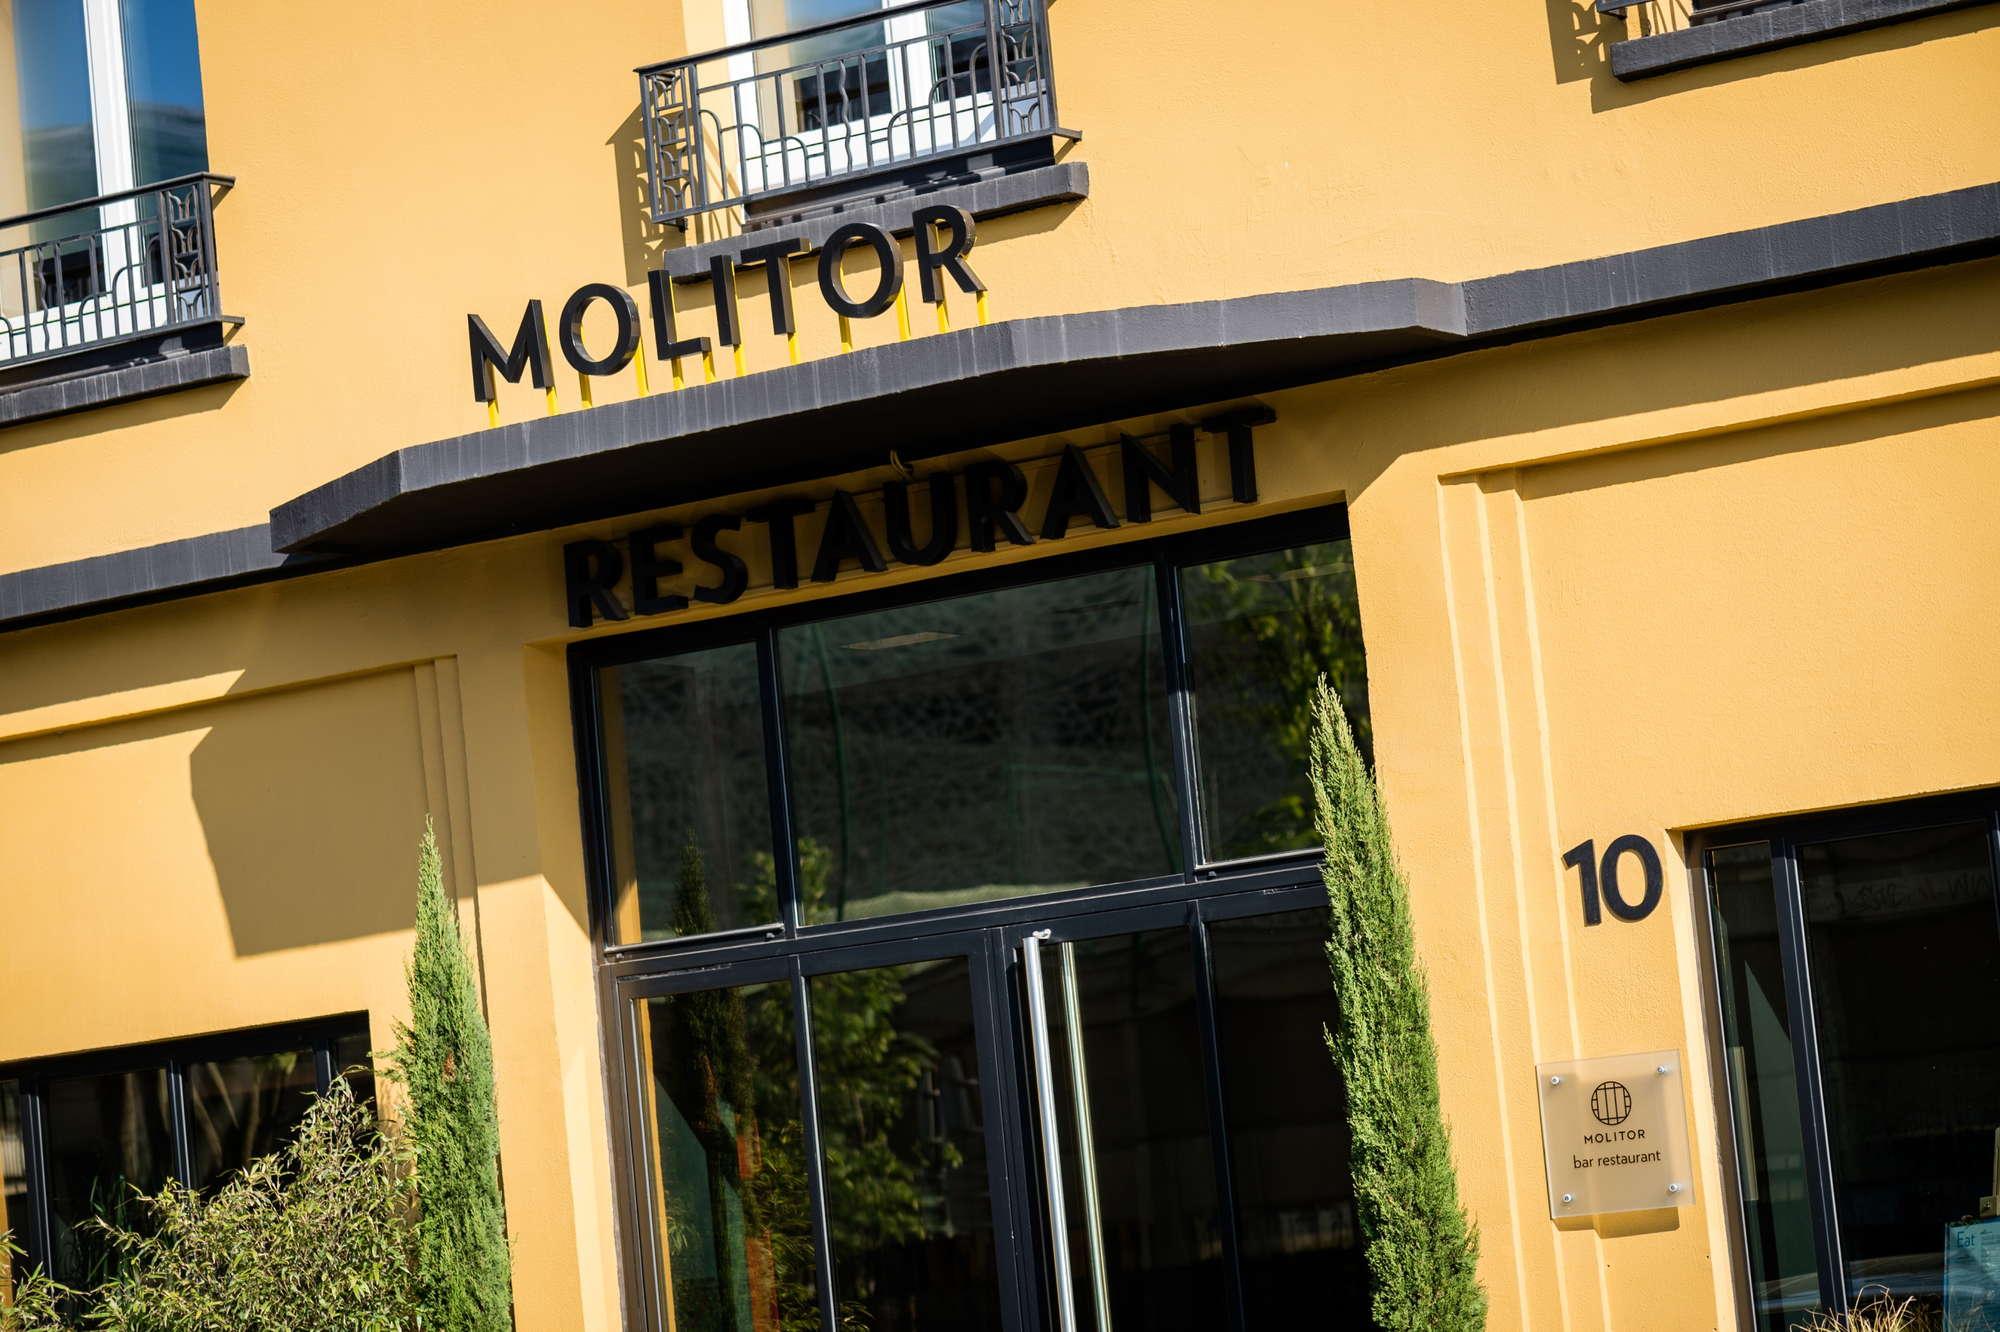 Hotel Molitor Paris Expert Review Fodor S Travel